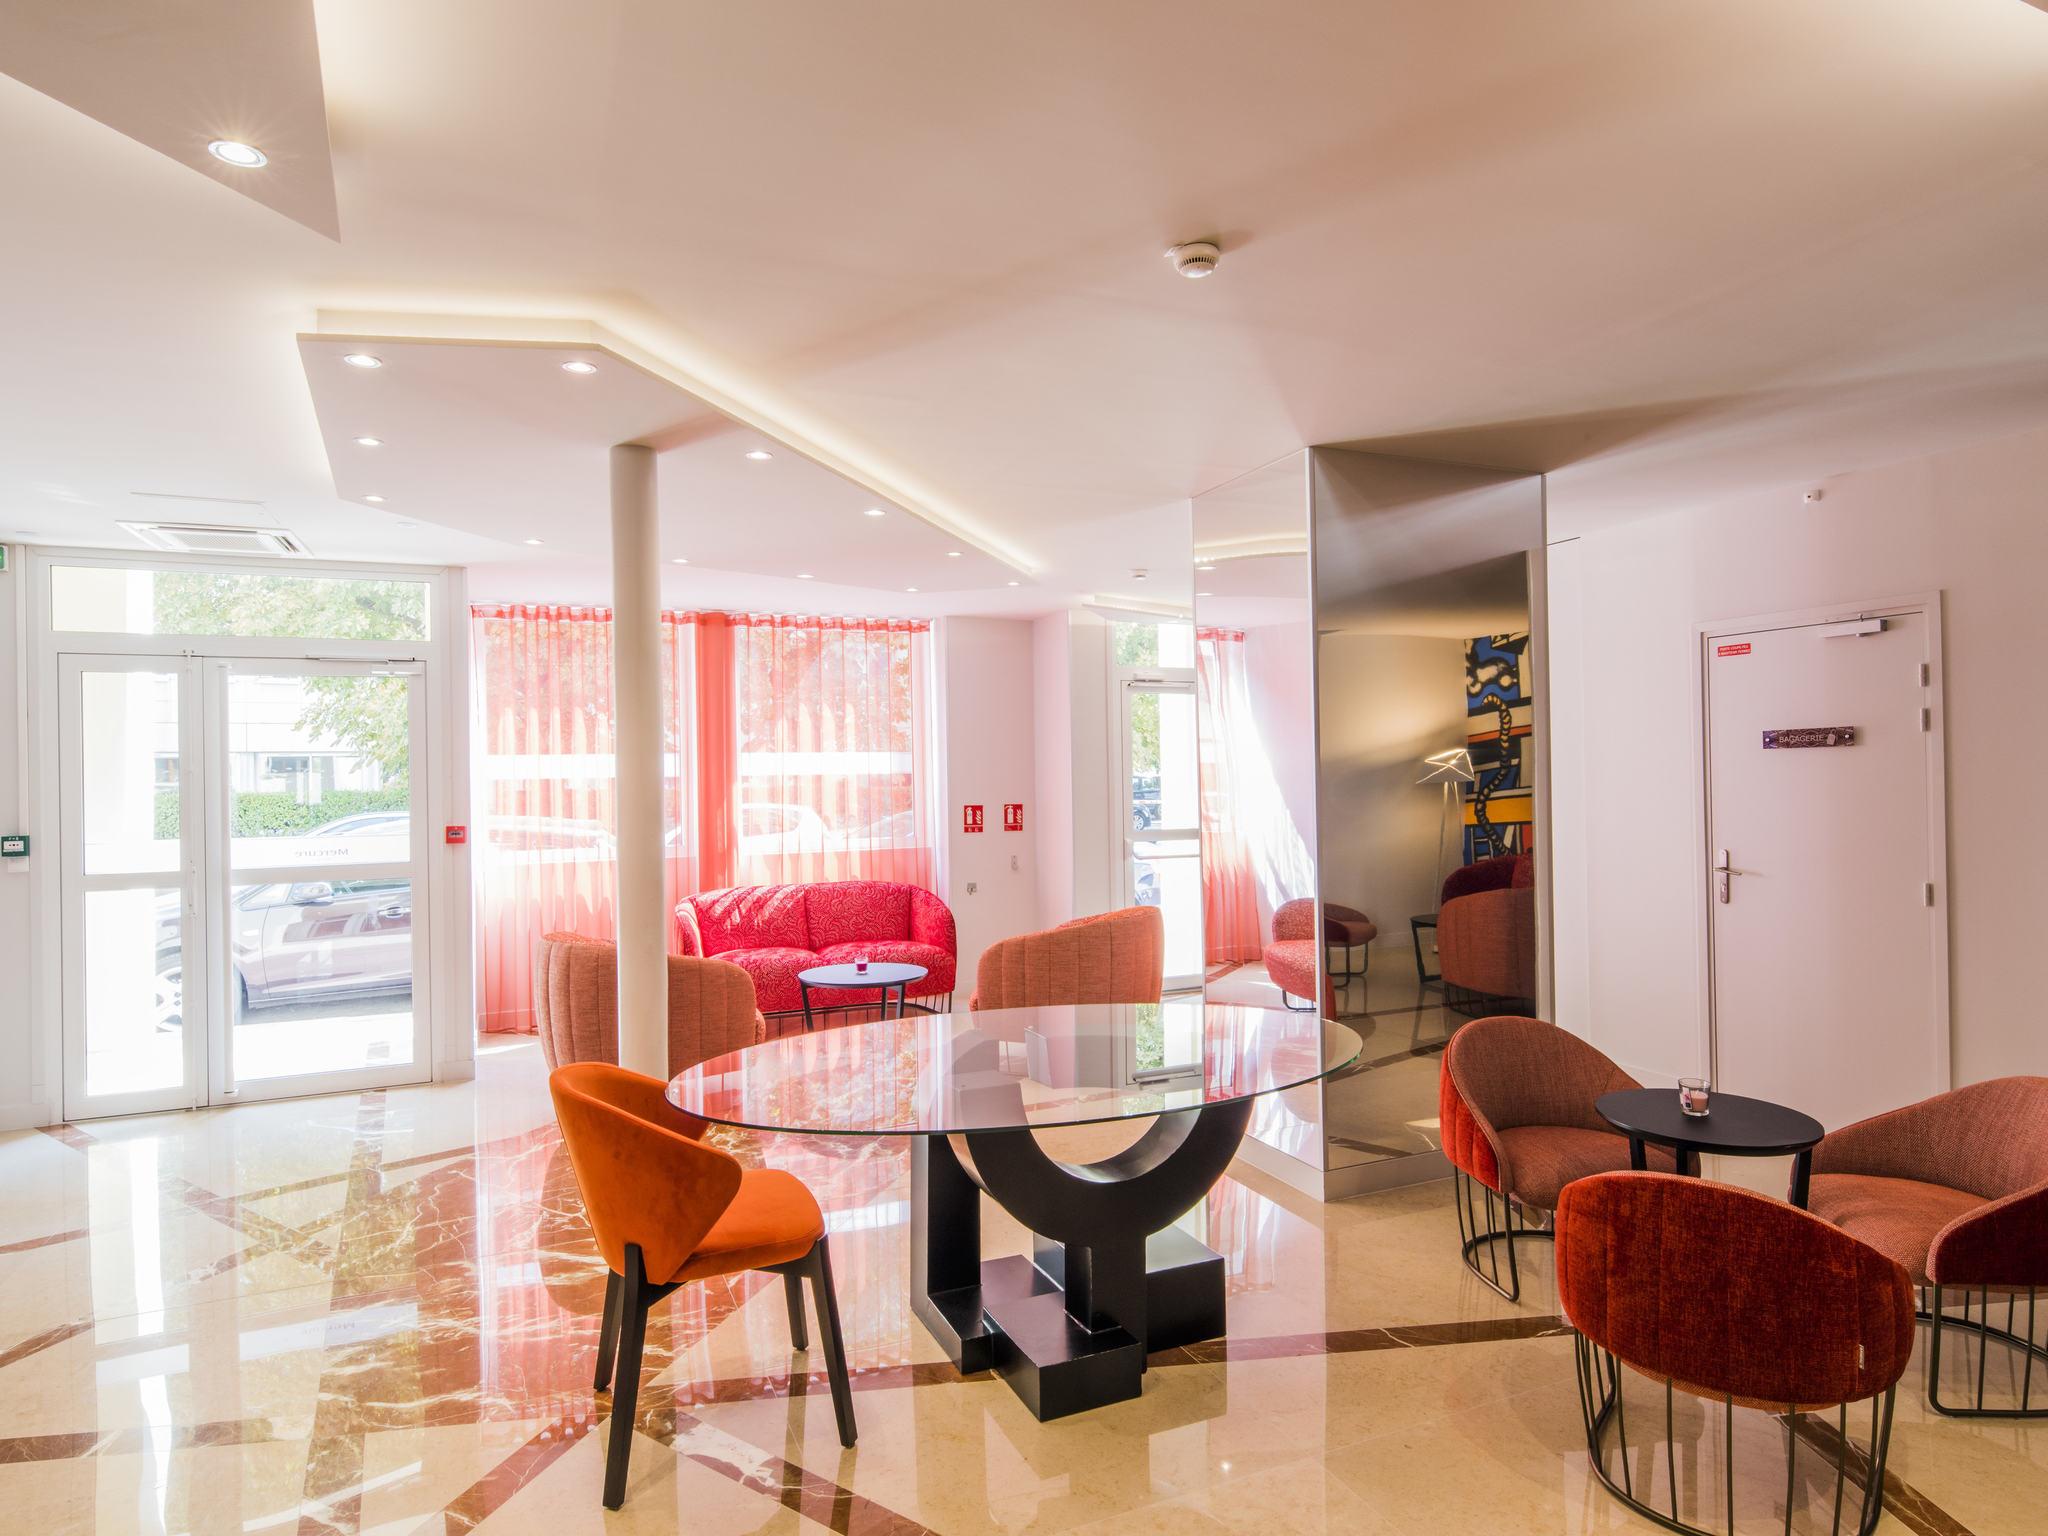 酒店 – 巴黎勒瓦卢瓦桥纳伊美居酒店